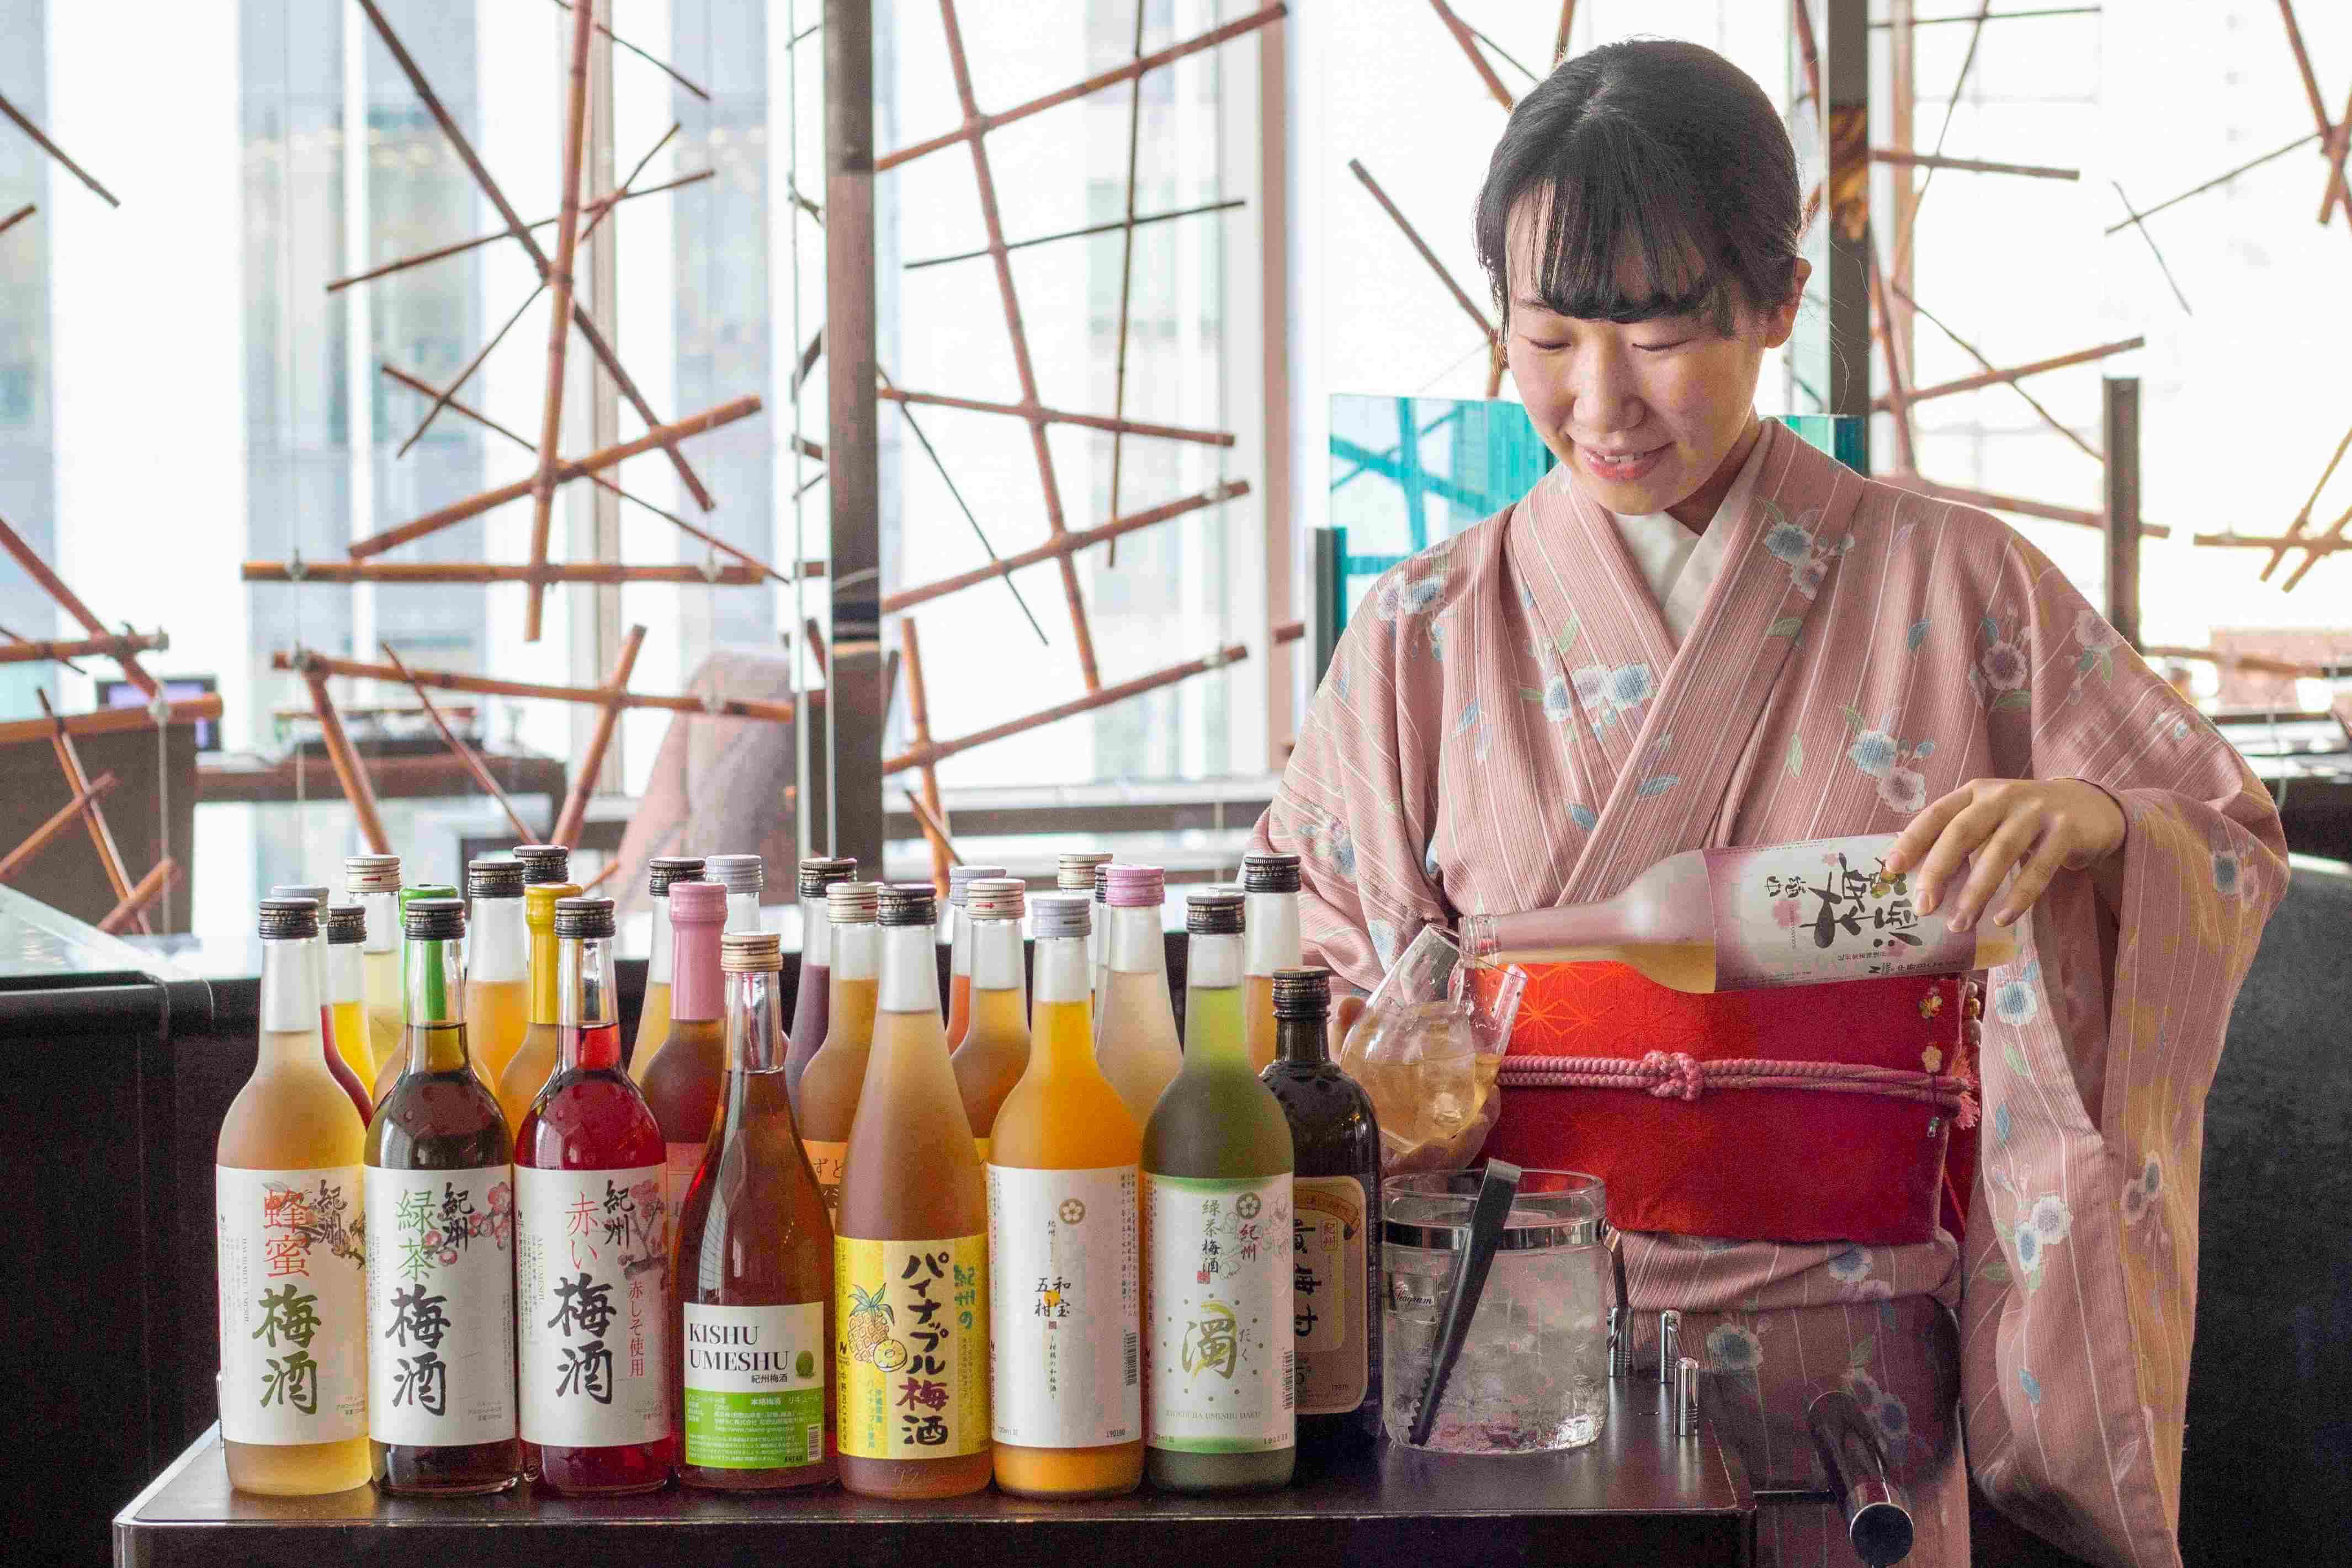 イチゴ・ミカン等の「カクテル梅酒」や「高級梅酒」まで多彩 (1)